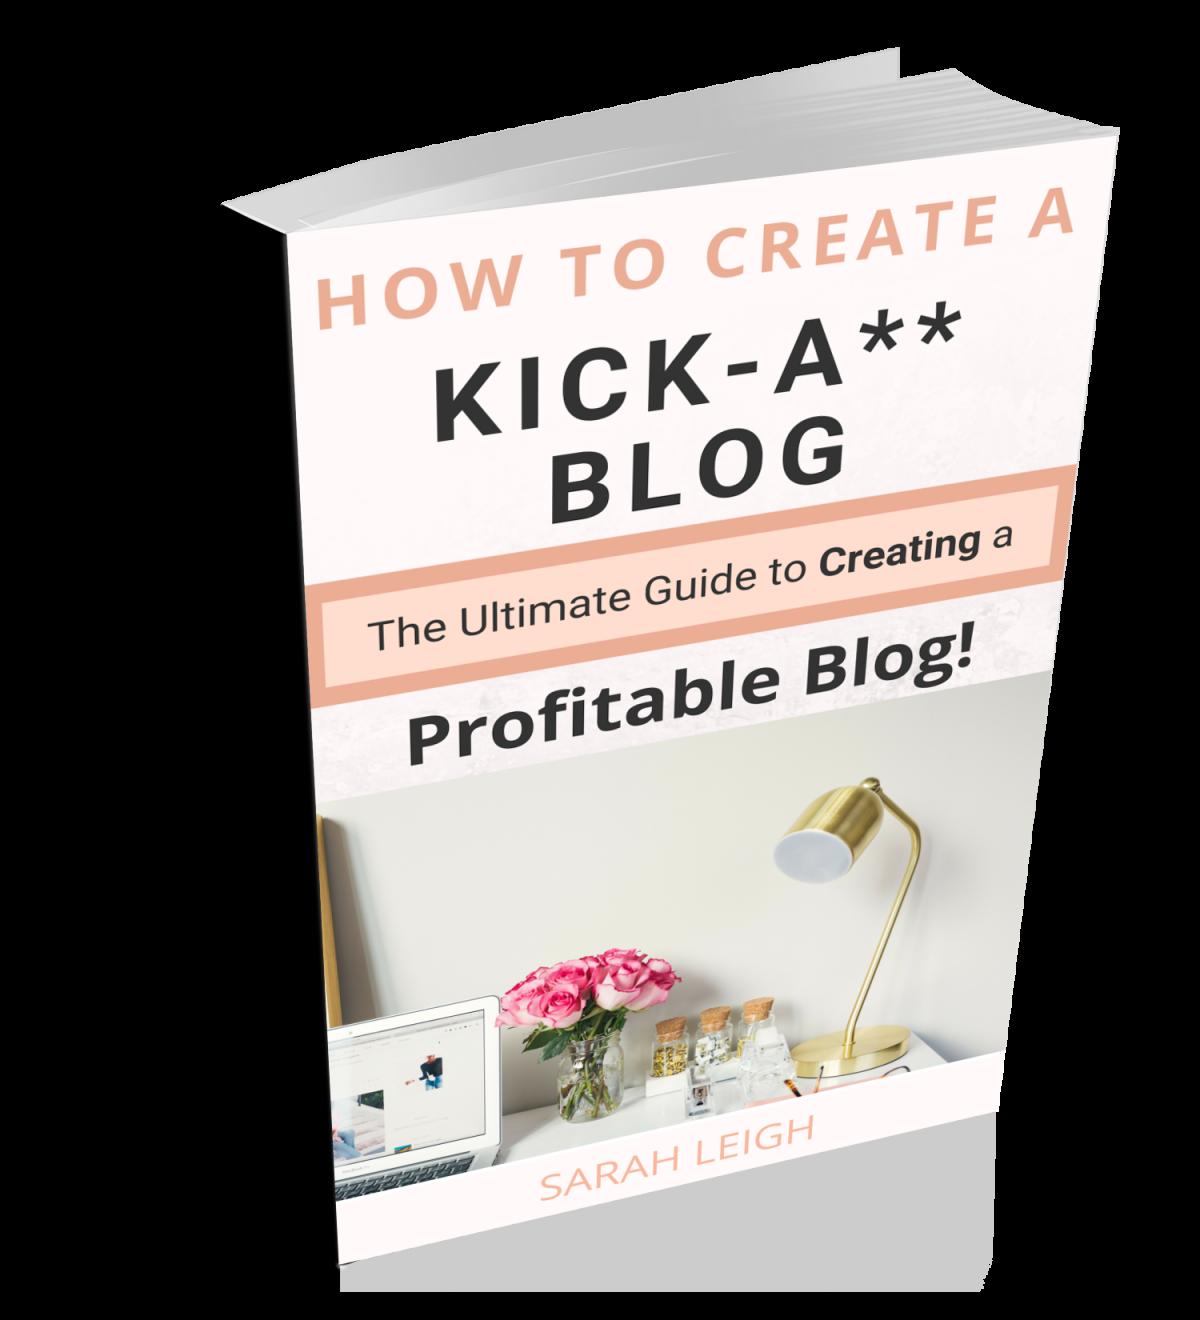 How to Create a Kick-A** Blog